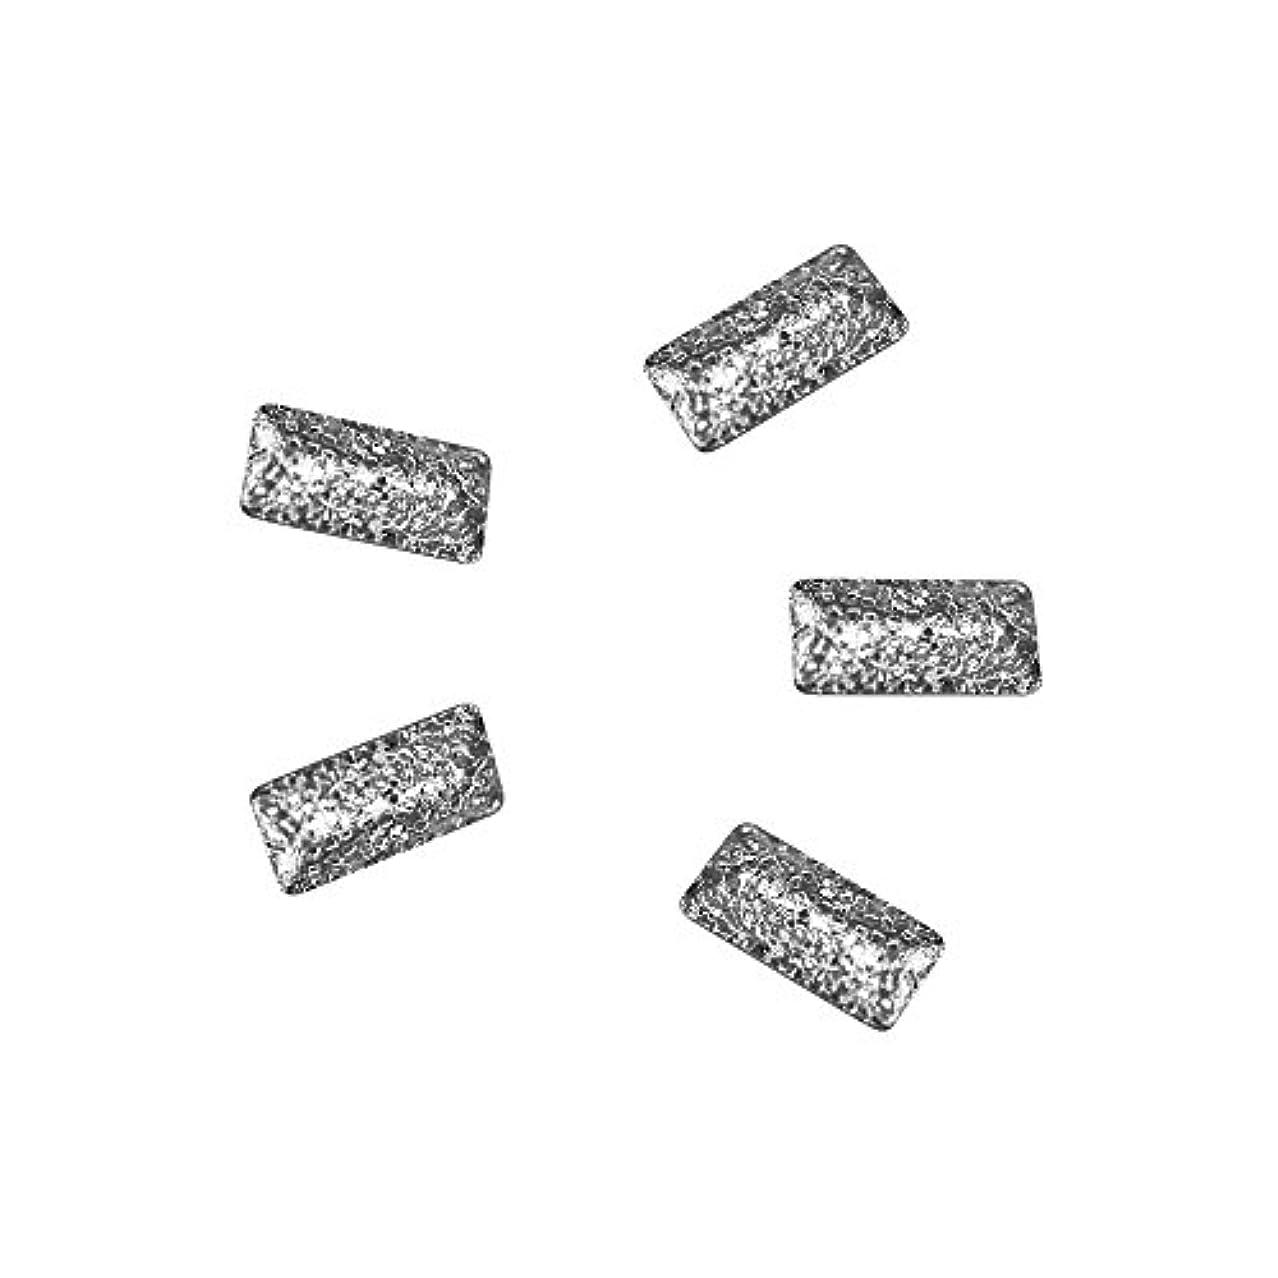 慎重に代替エステートBonnail ラフスタッズシルバー レクタングル3×1.2mm